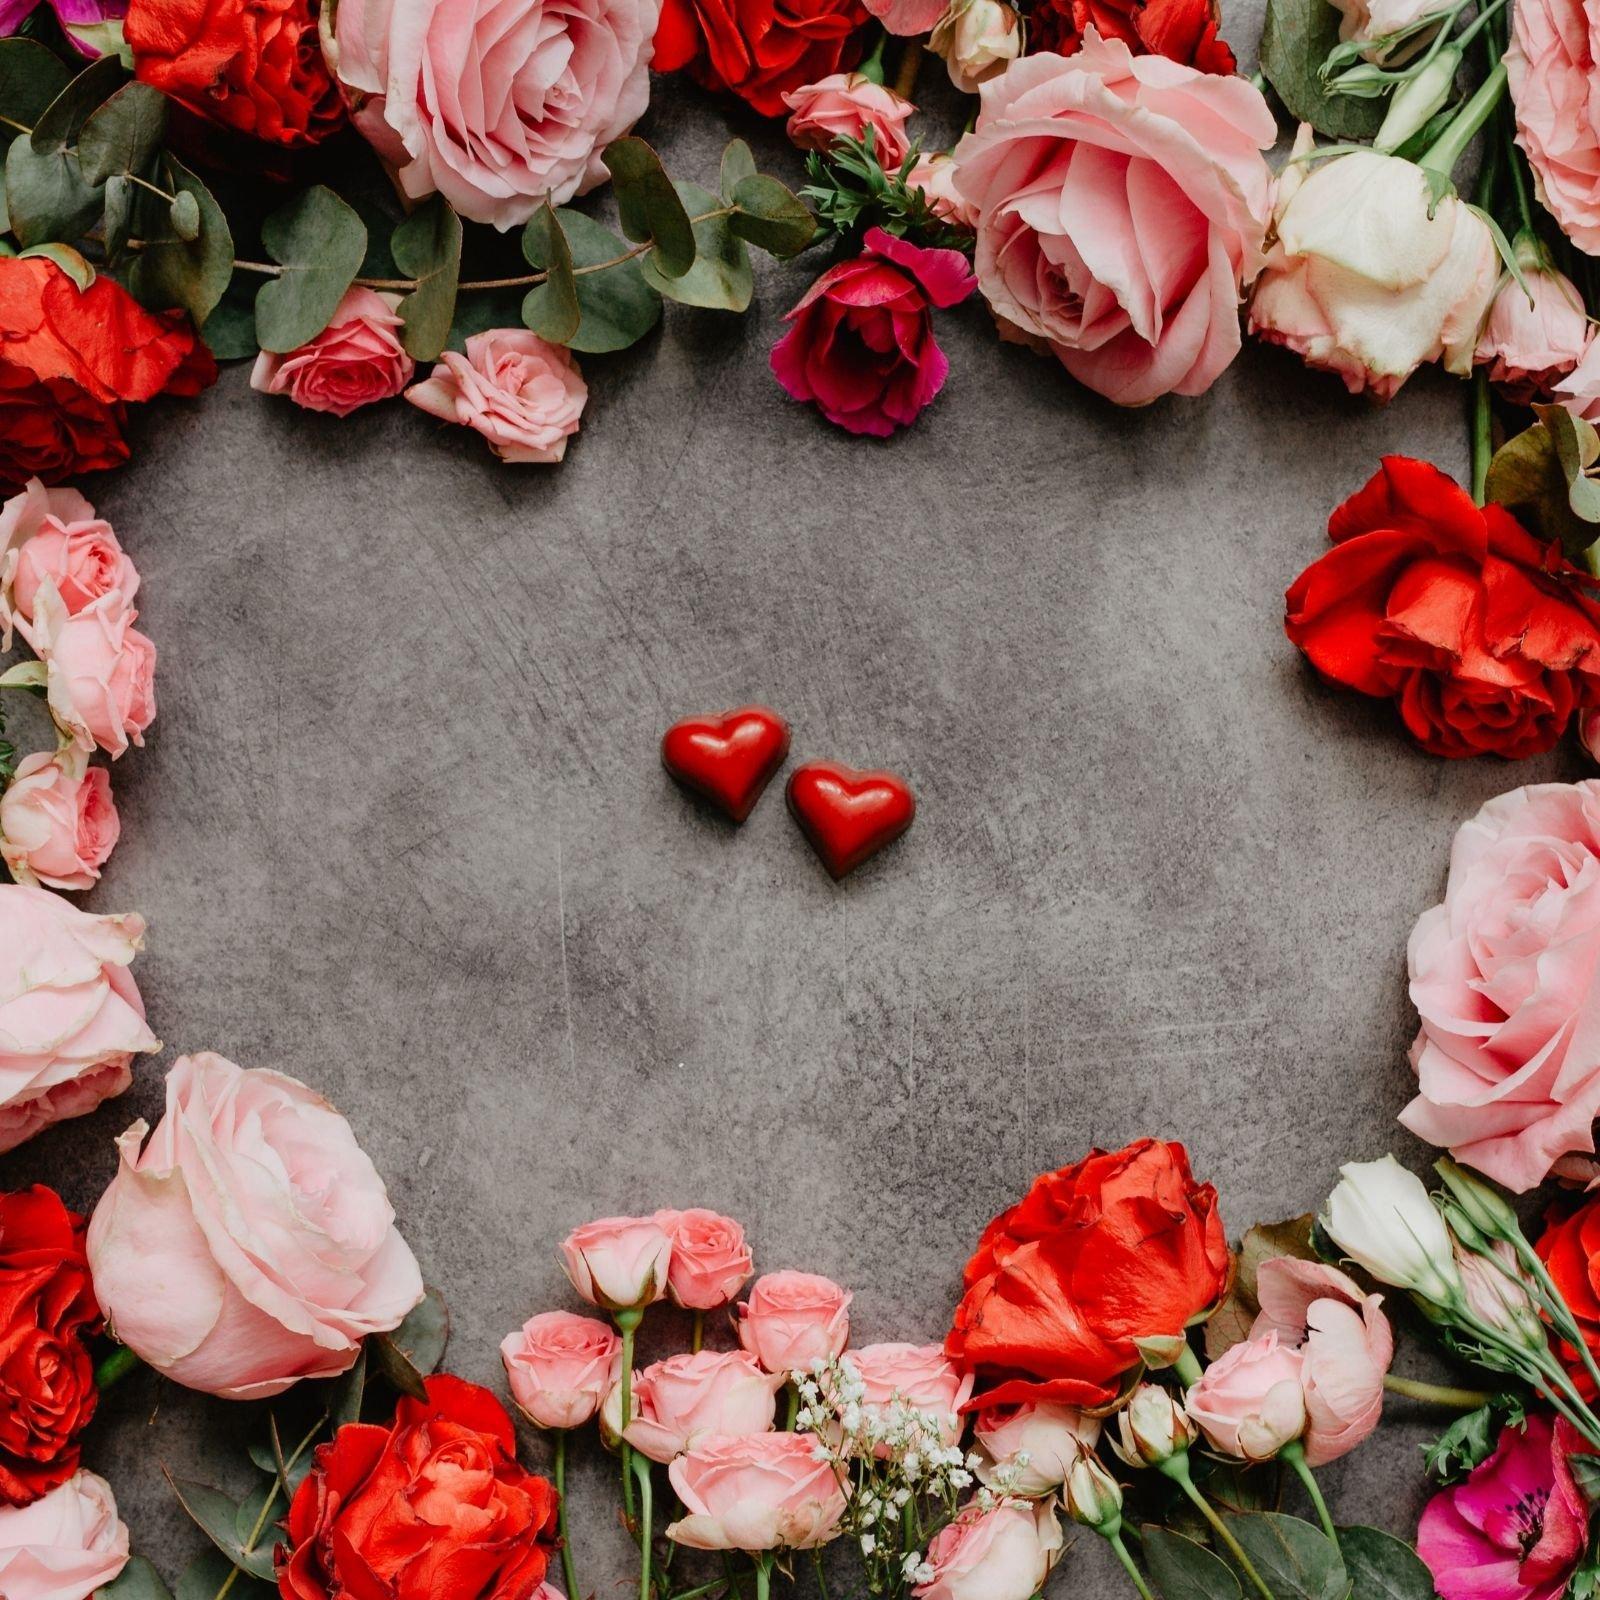 Valentynske ruze v ruzove a cervene barve se srdickem